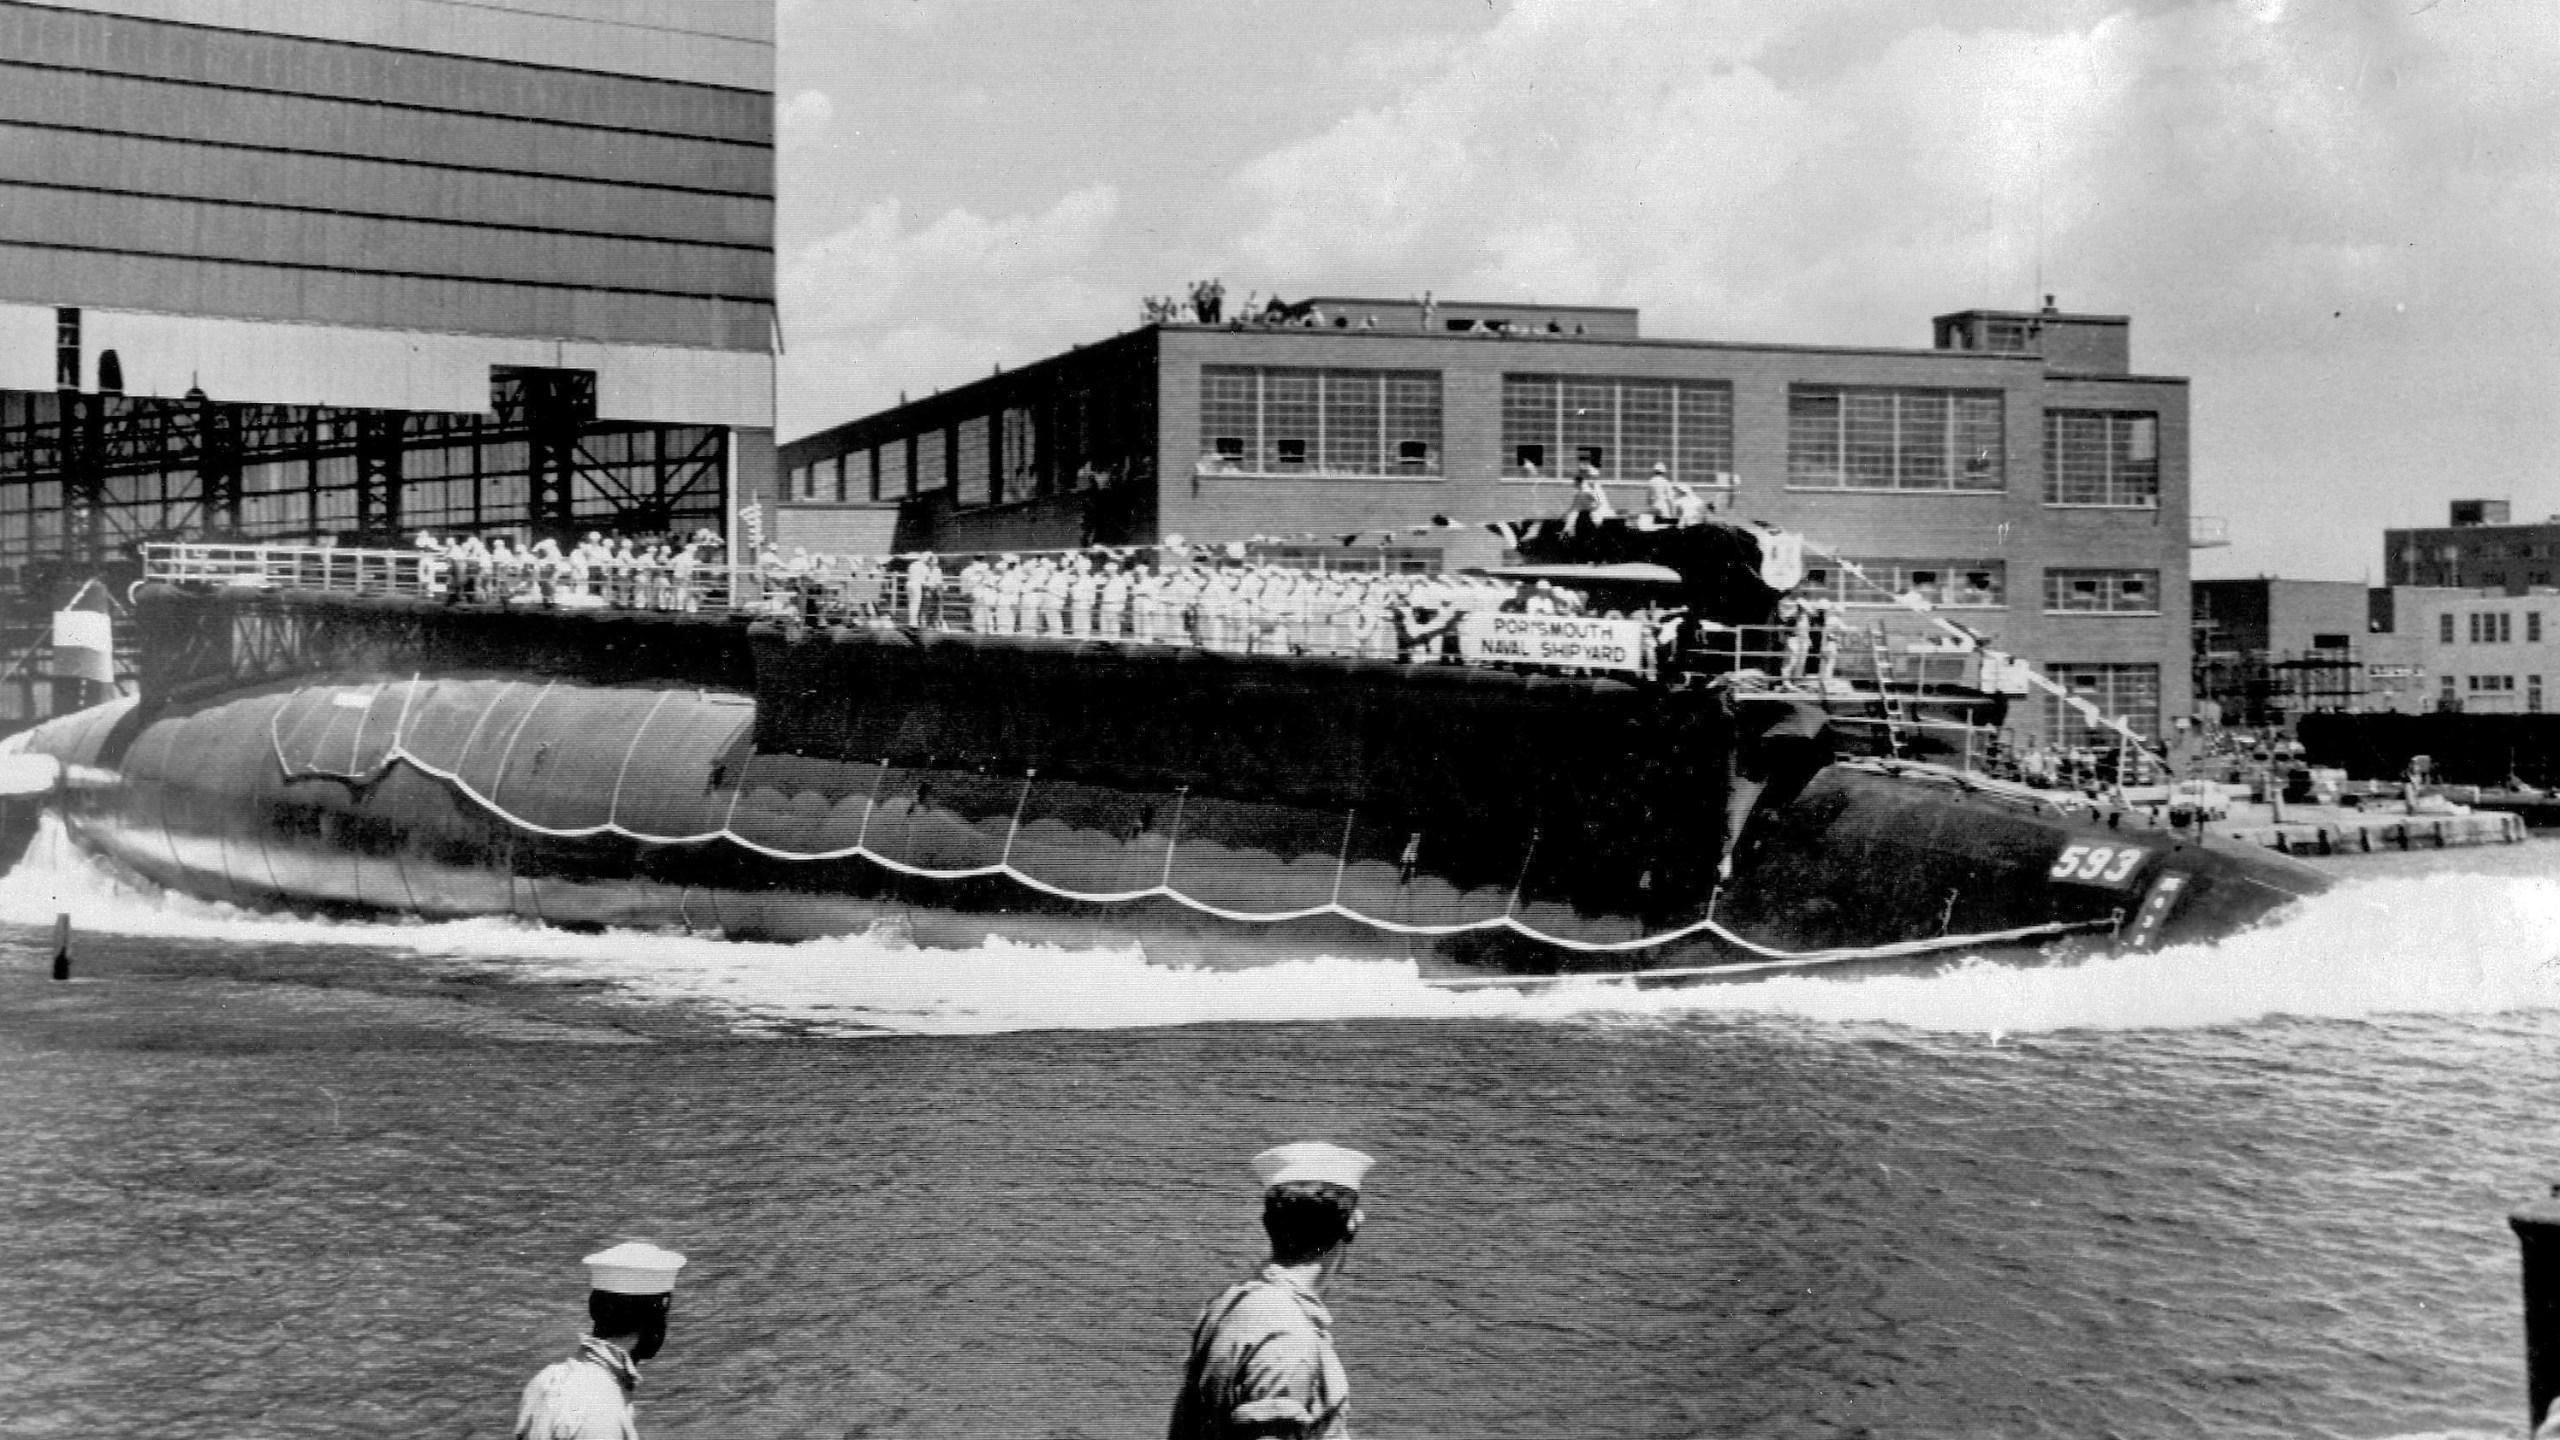 Massachusetts Halloween 2020 Incident Navy releases documents on USS Thresher incident, deadliest